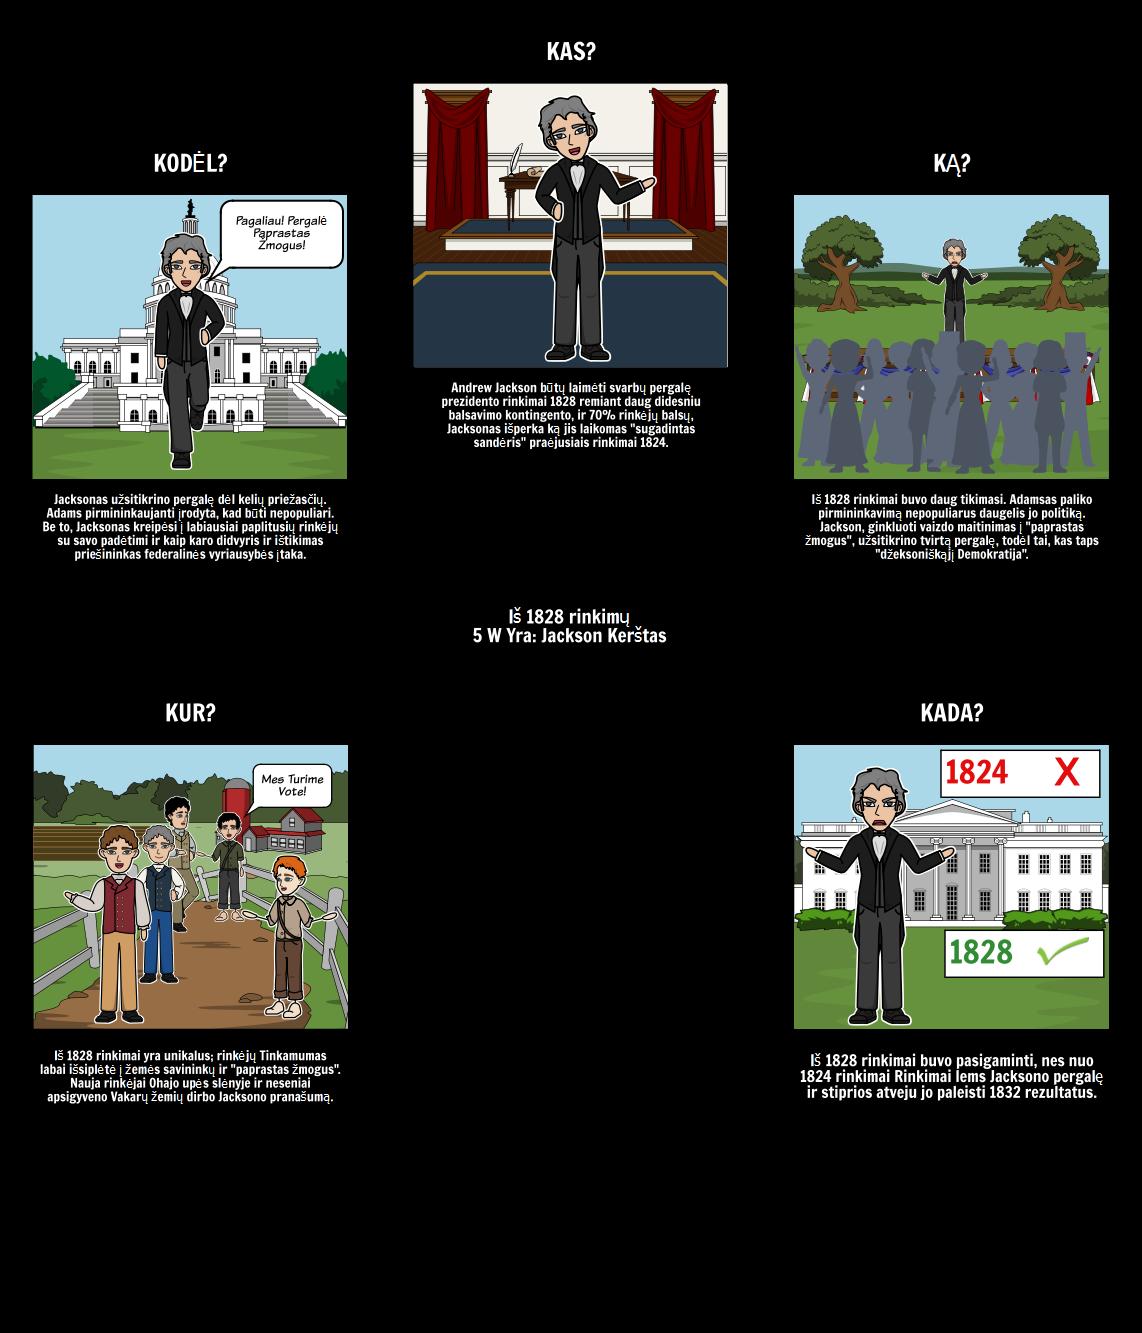 Iš 1828 rinkimai: Jackson pergalė